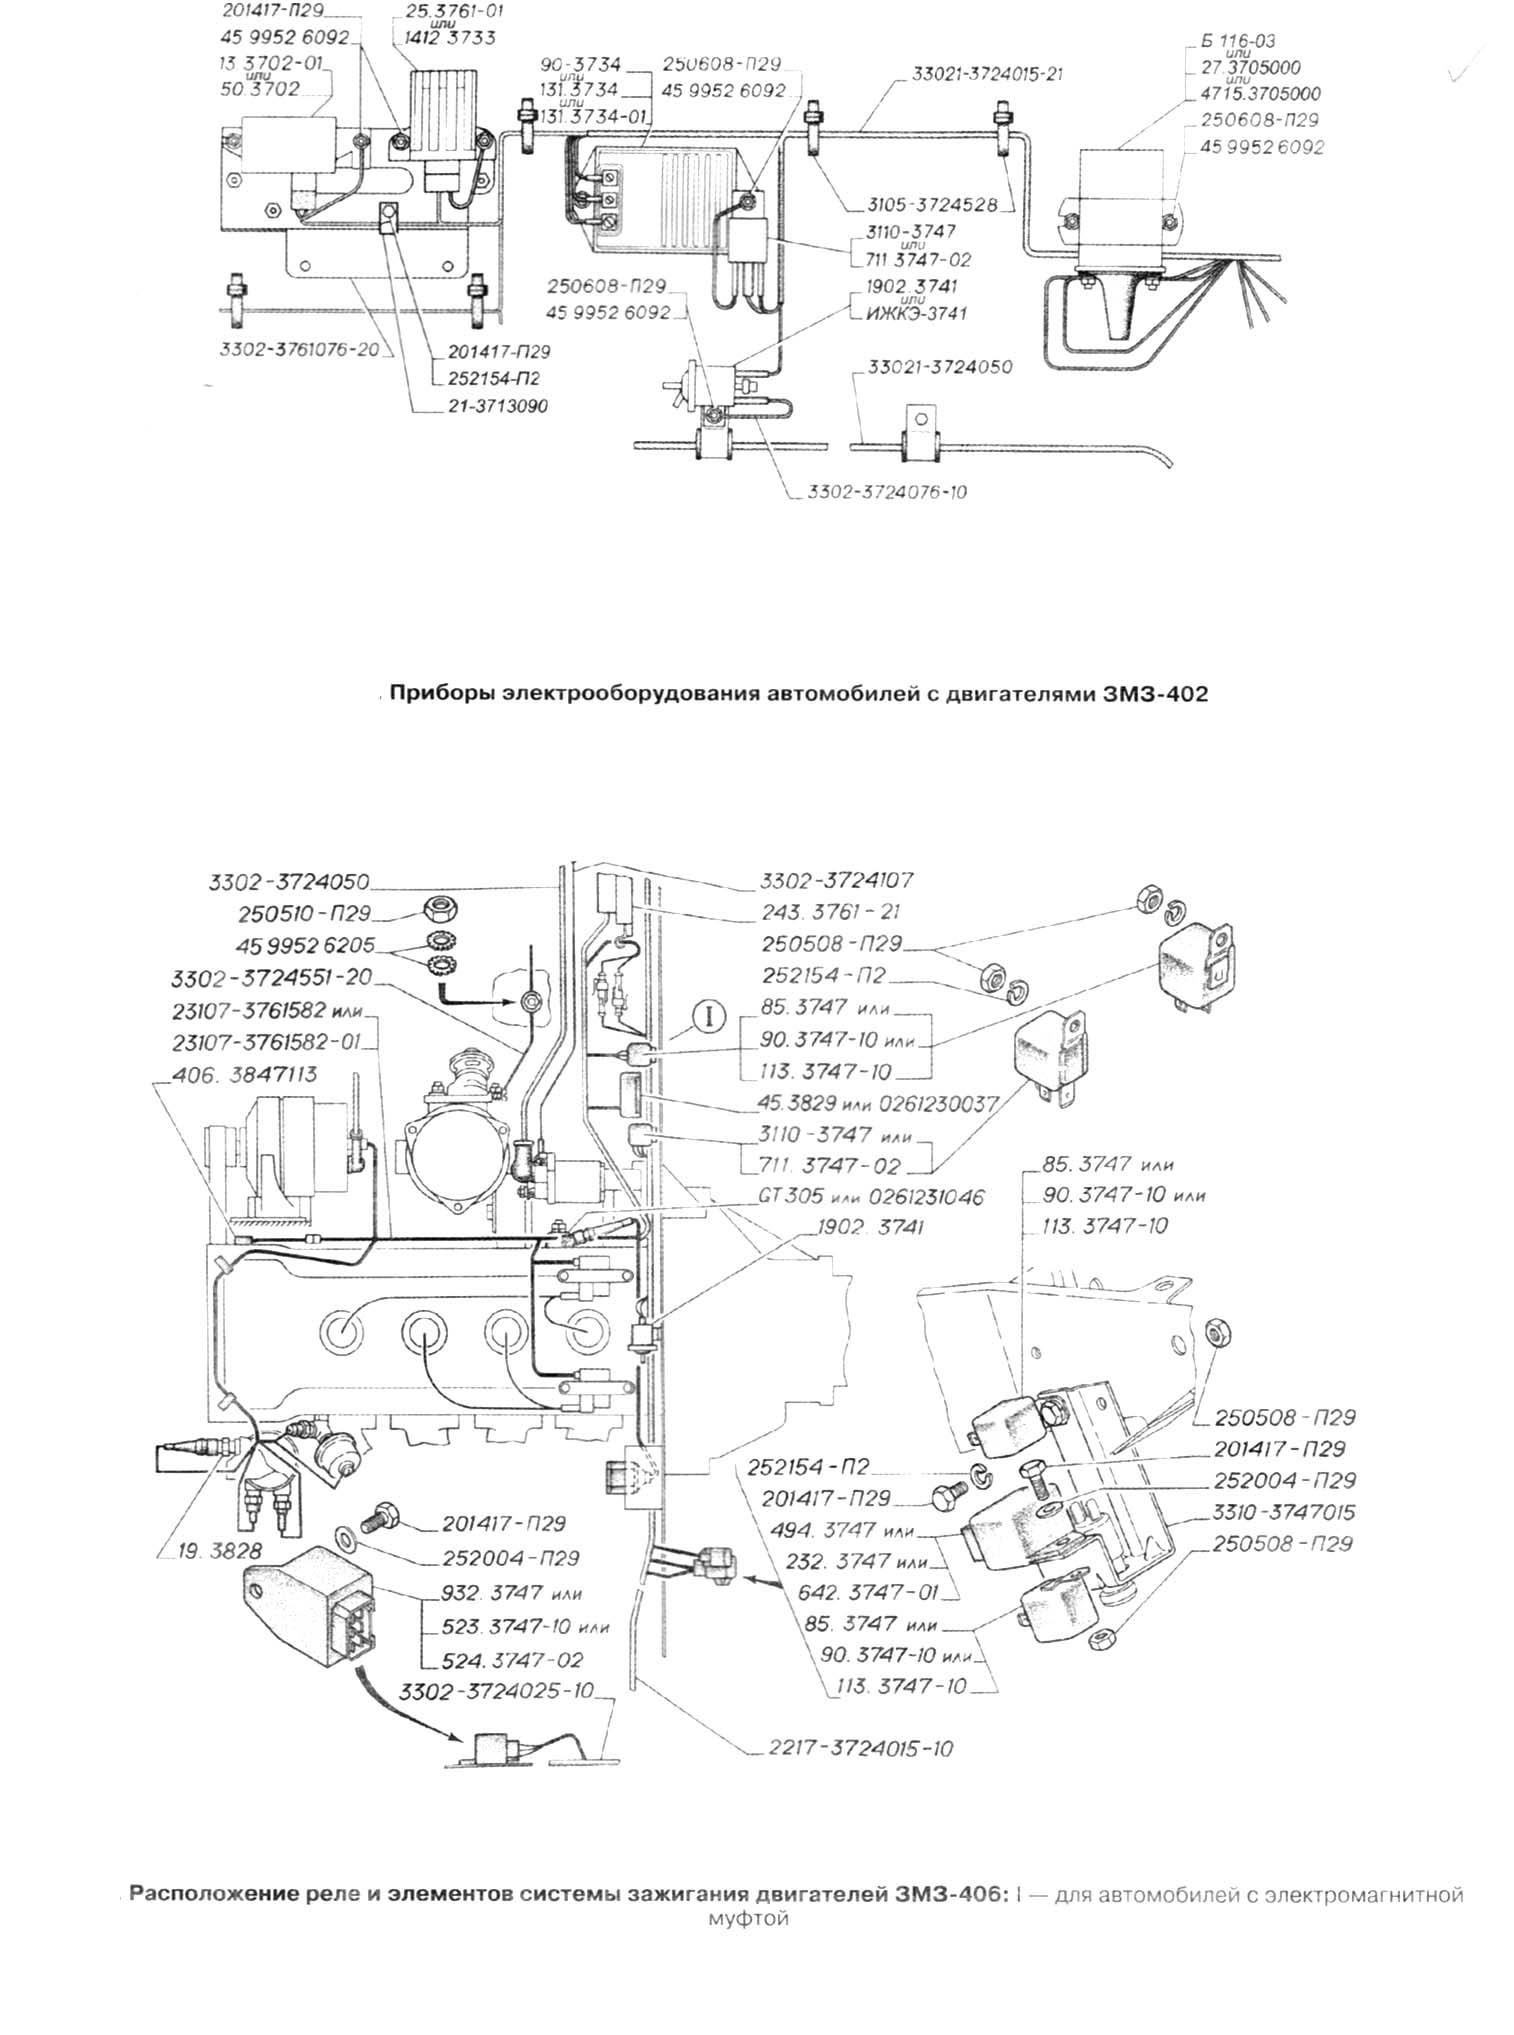 Электрическая схема двигателя змз-402